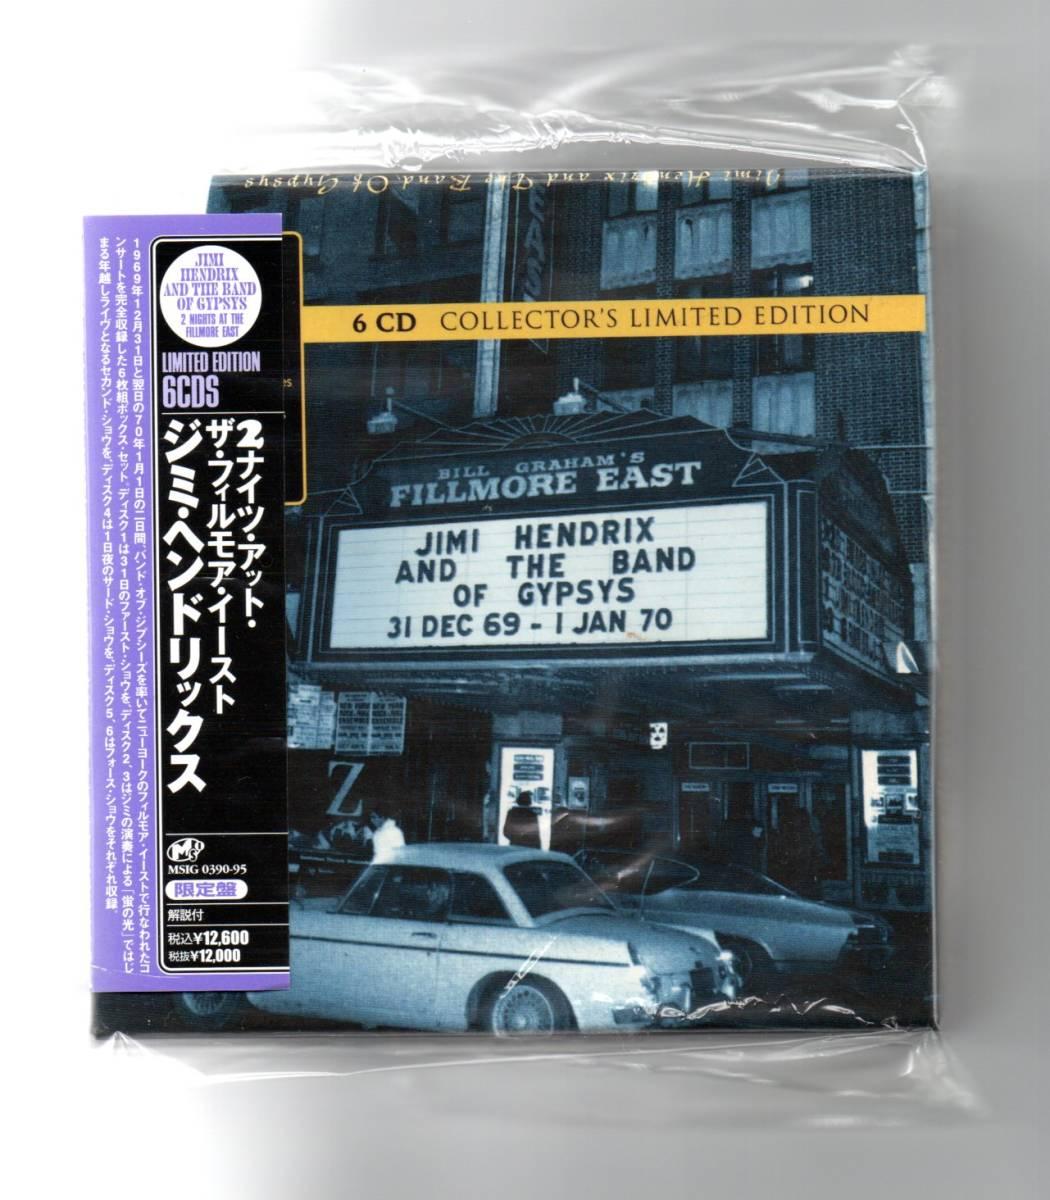 ジミ・ヘンドリックス / 2ナイツ・アット・ザ・フィルモア・イースト 6CDs Box set 解説付 8300円即決_画像1